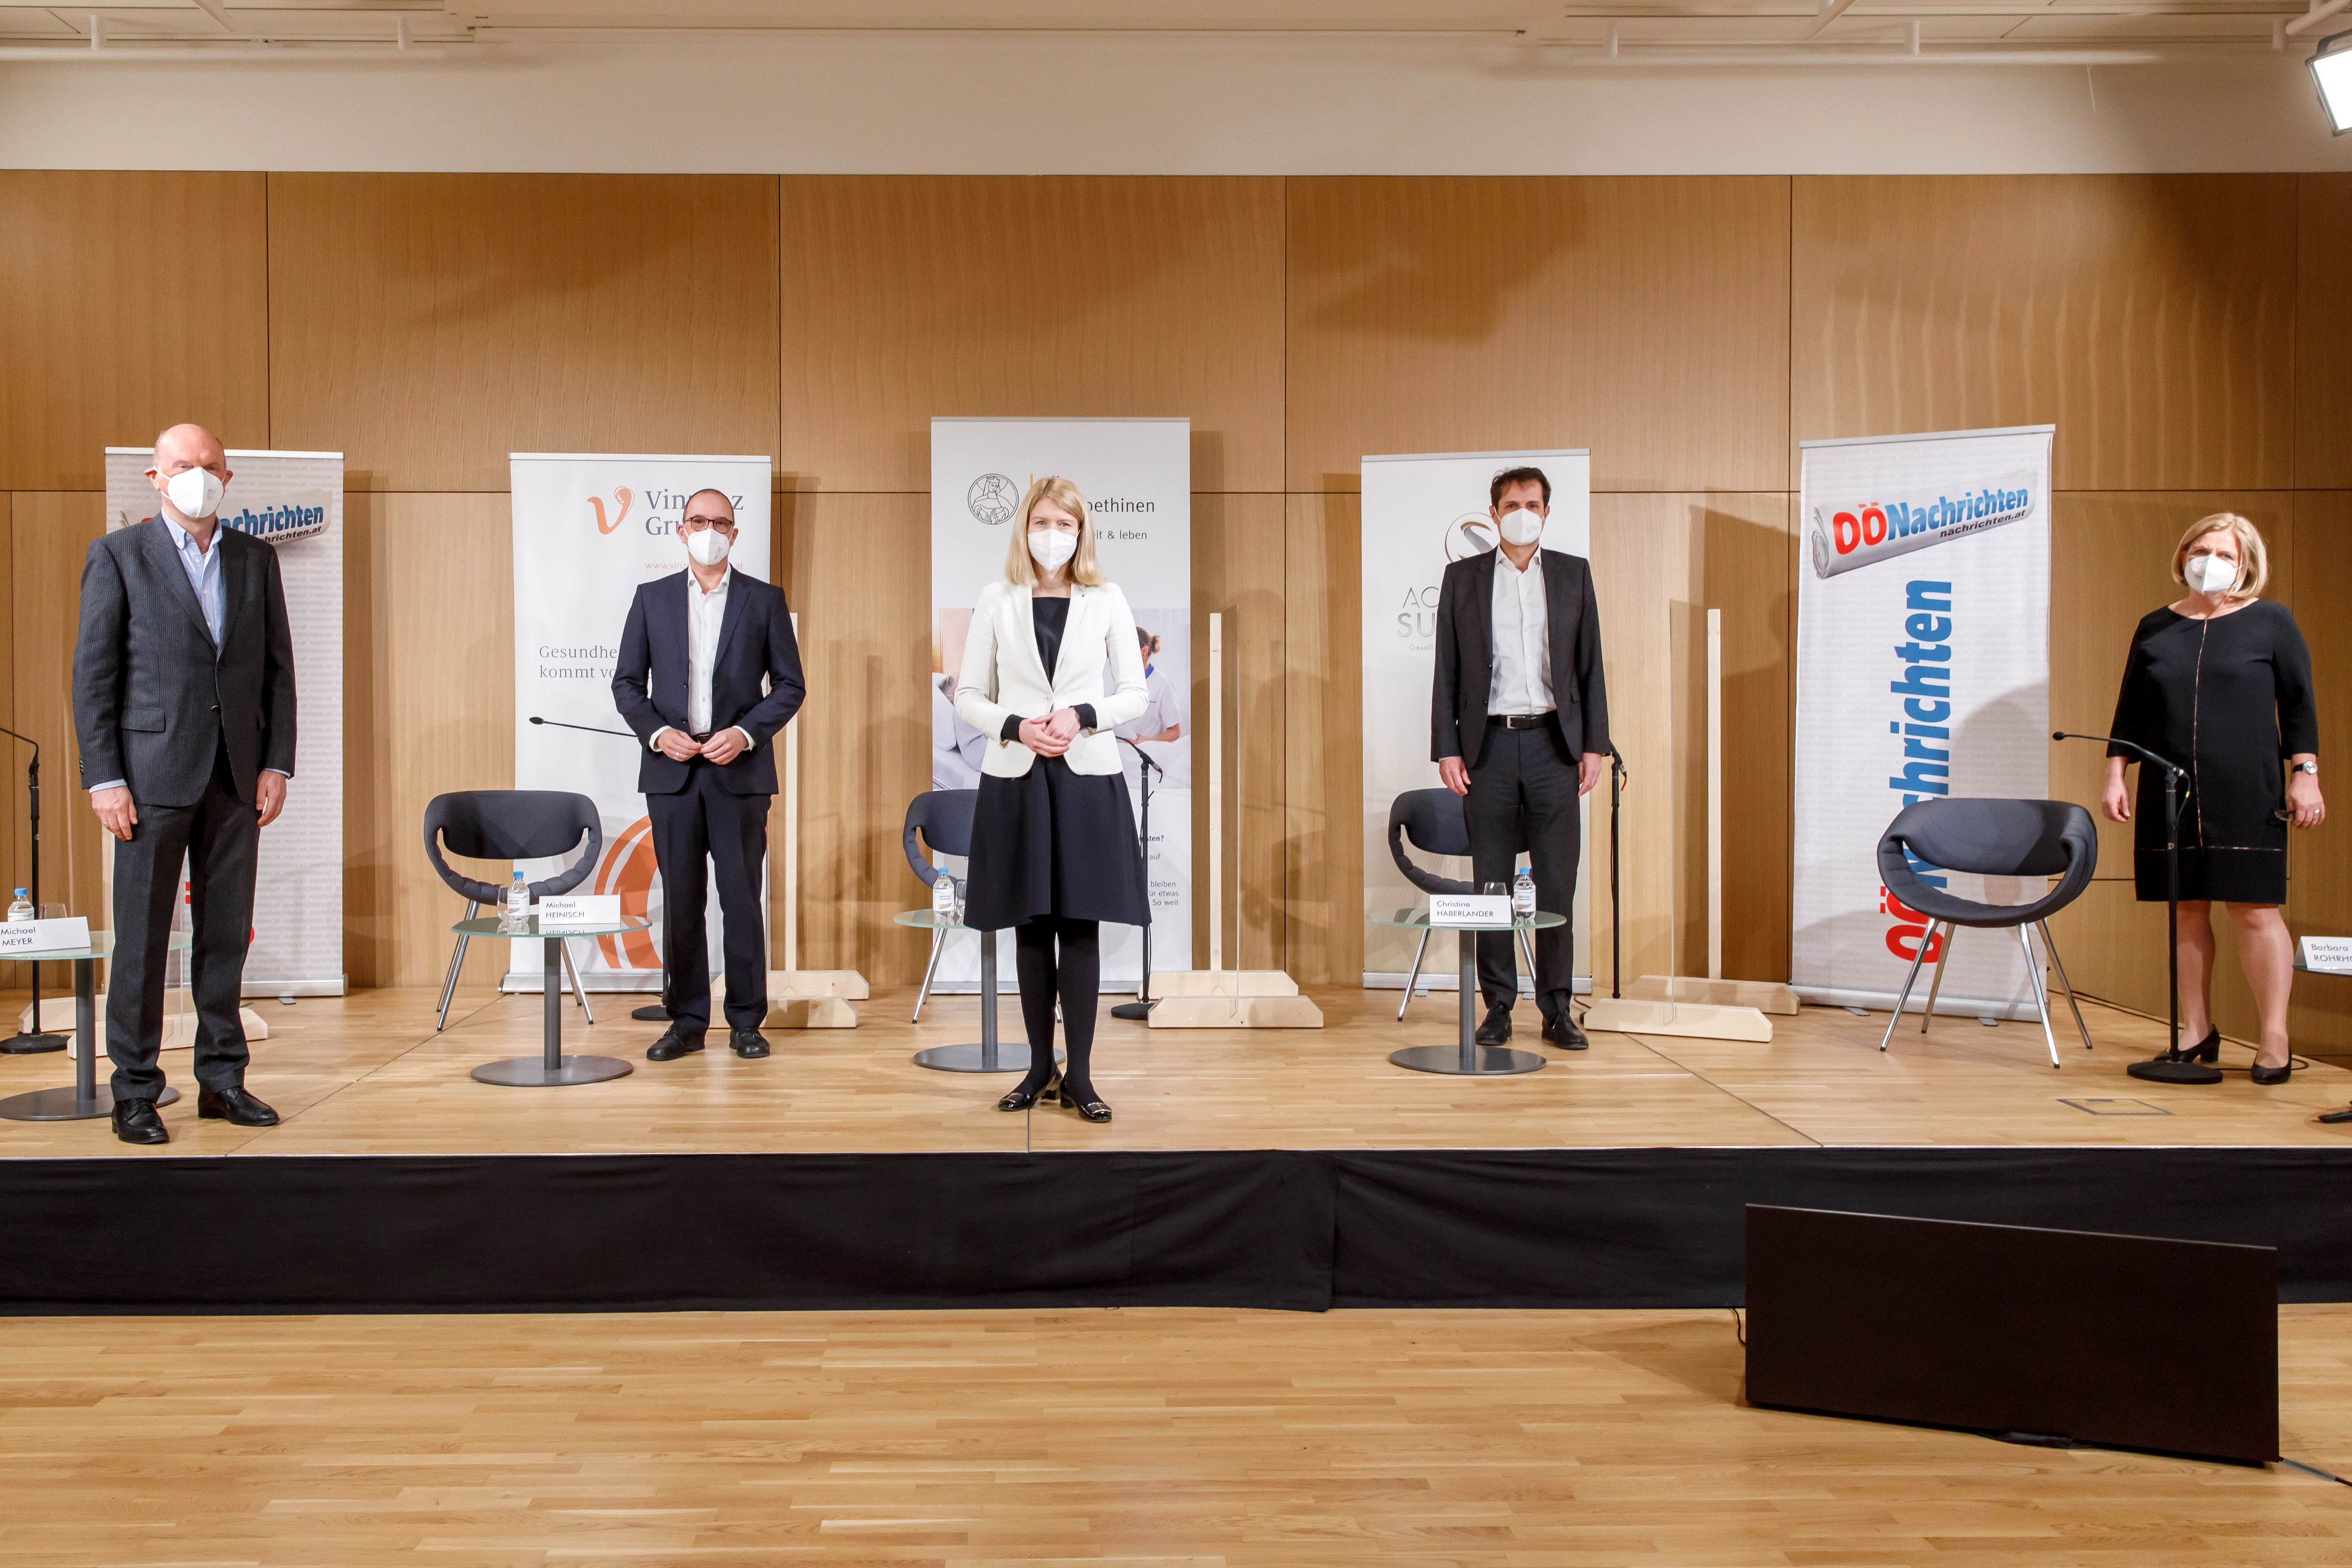 Foto 1 v.l.n.r.: Michael Meyer (WU Wien), Michael Heinisch (Vinzenz Gruppe), Oliver Rendel (elisabethinen linz-wien), Christine Haberlander (ACADEMIA SUPERIOR), Barbara Rohrhofer (OÖN)